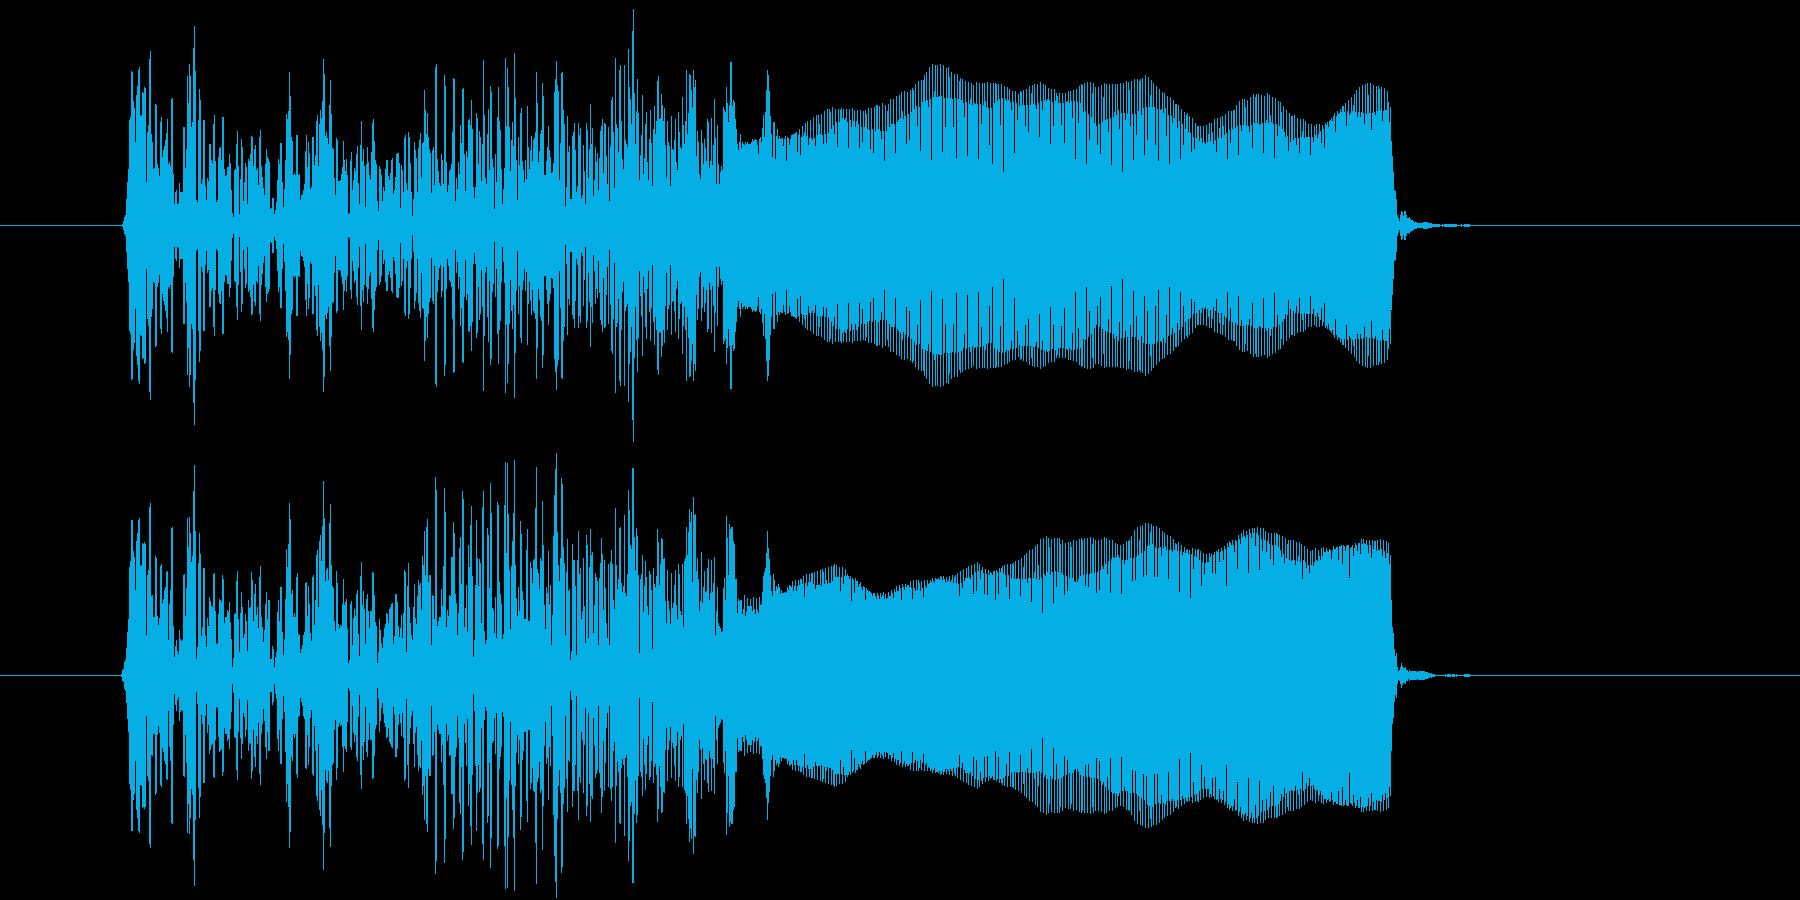 オルガンのグリッサンドの再生済みの波形